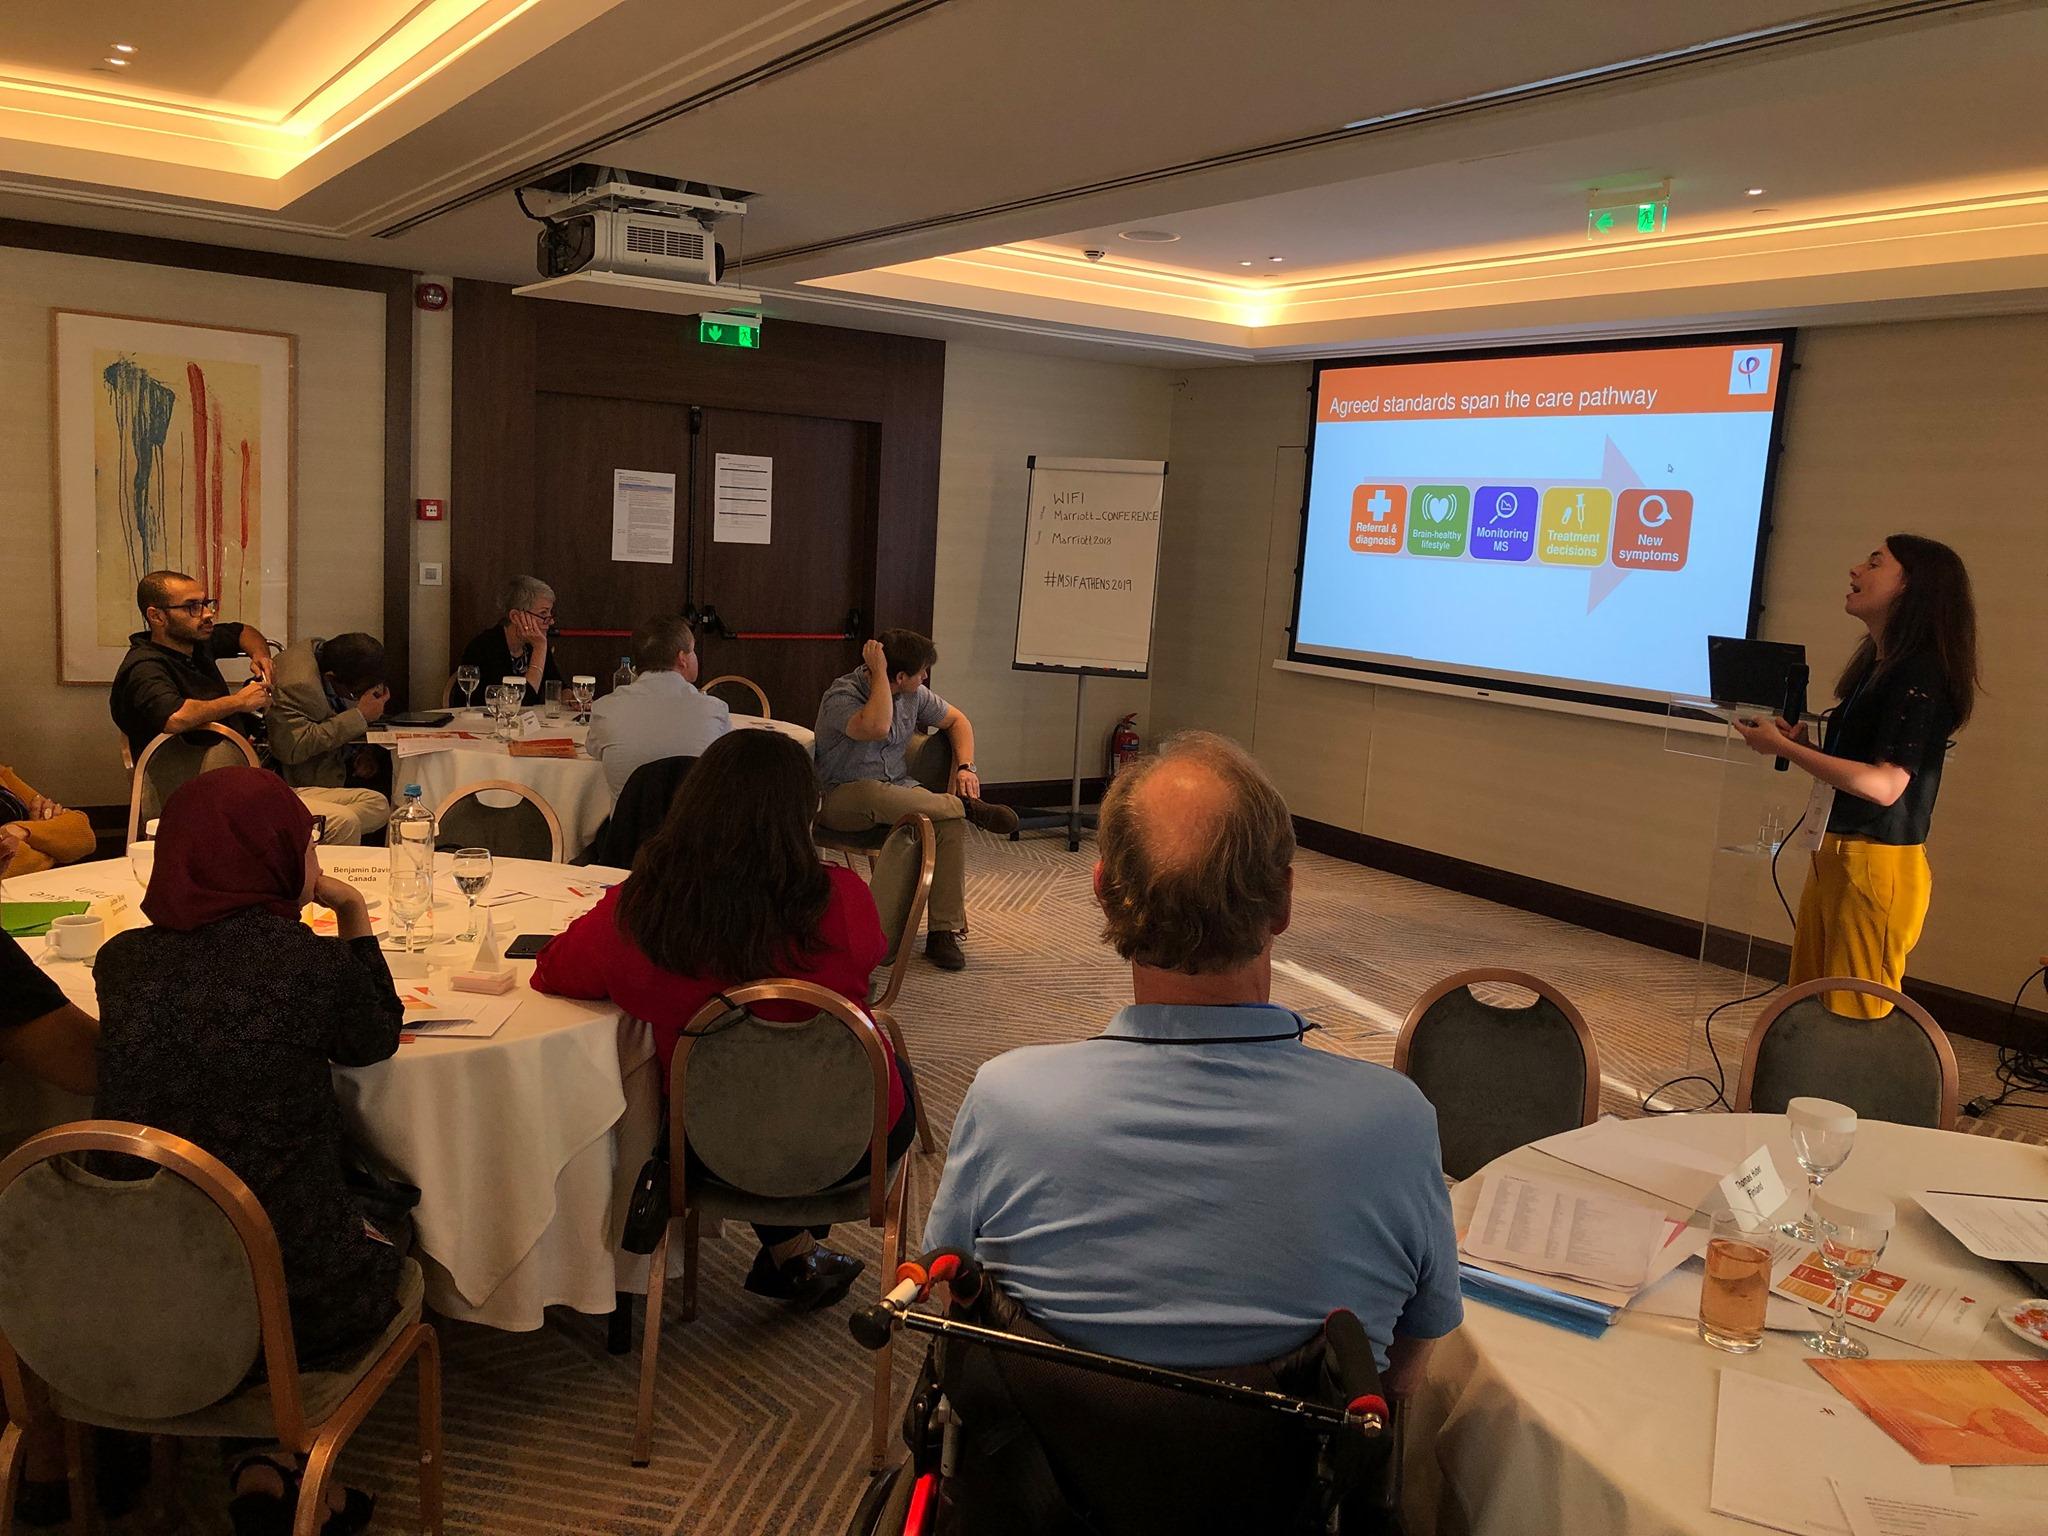 Reunião Anual da Federação Internacional da Esclerose Múltipla